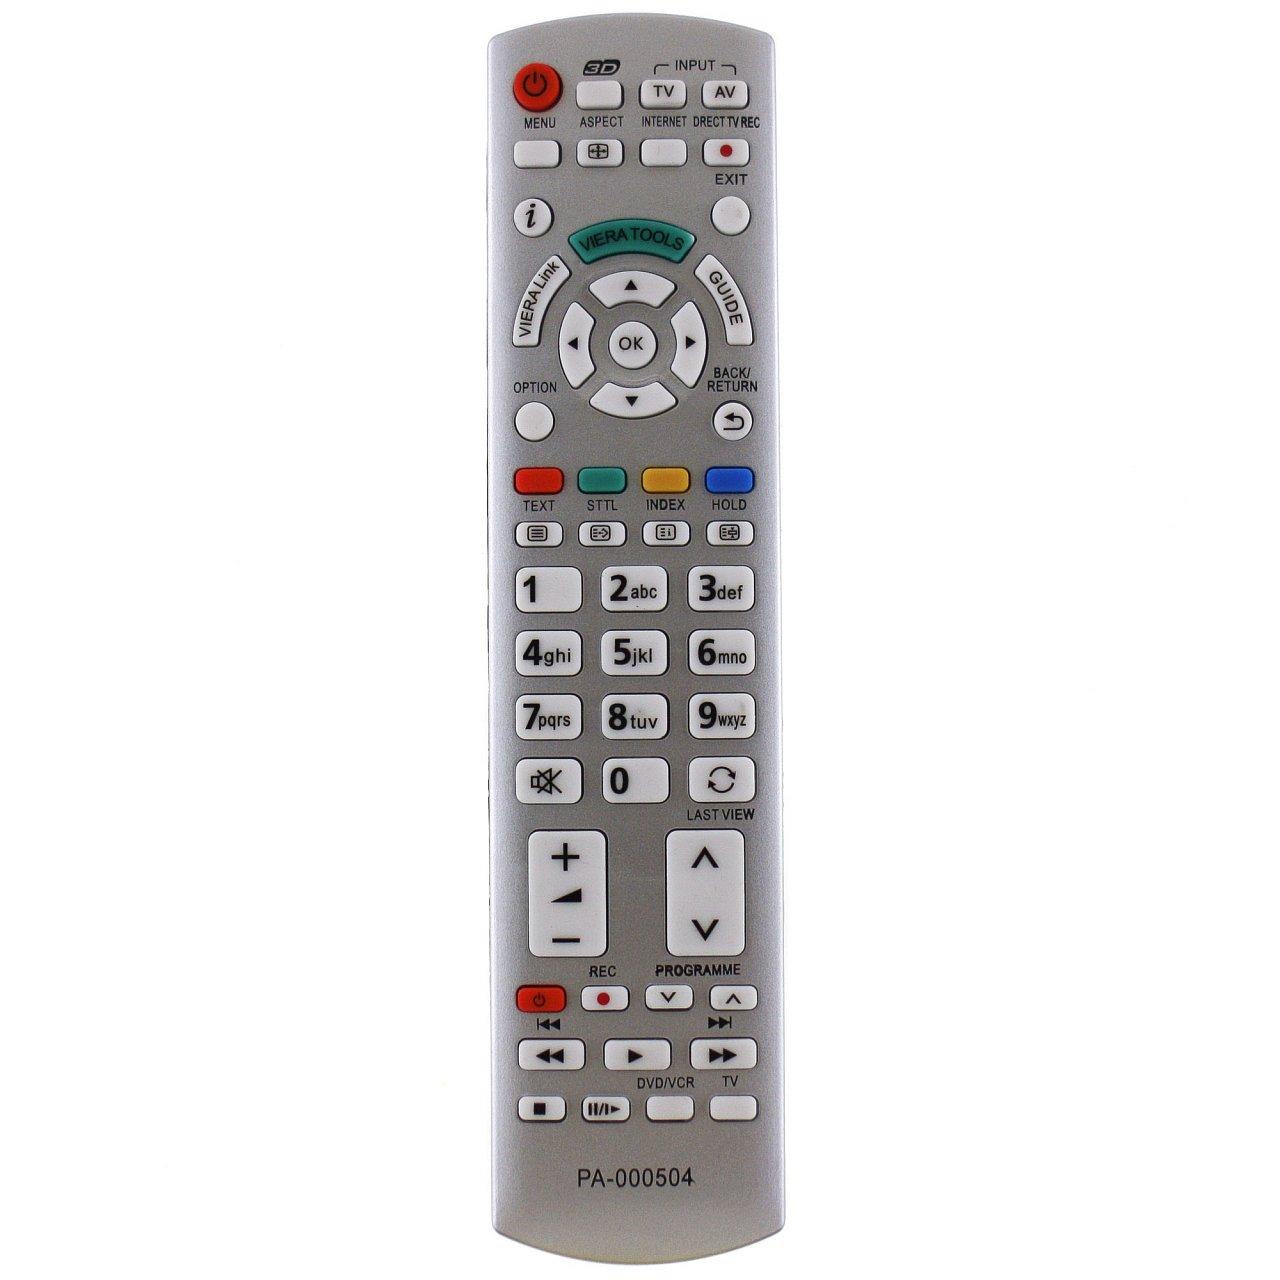 Panasonic N2QAYB000673 náhradní dálkový ovladač stejného vzhledu